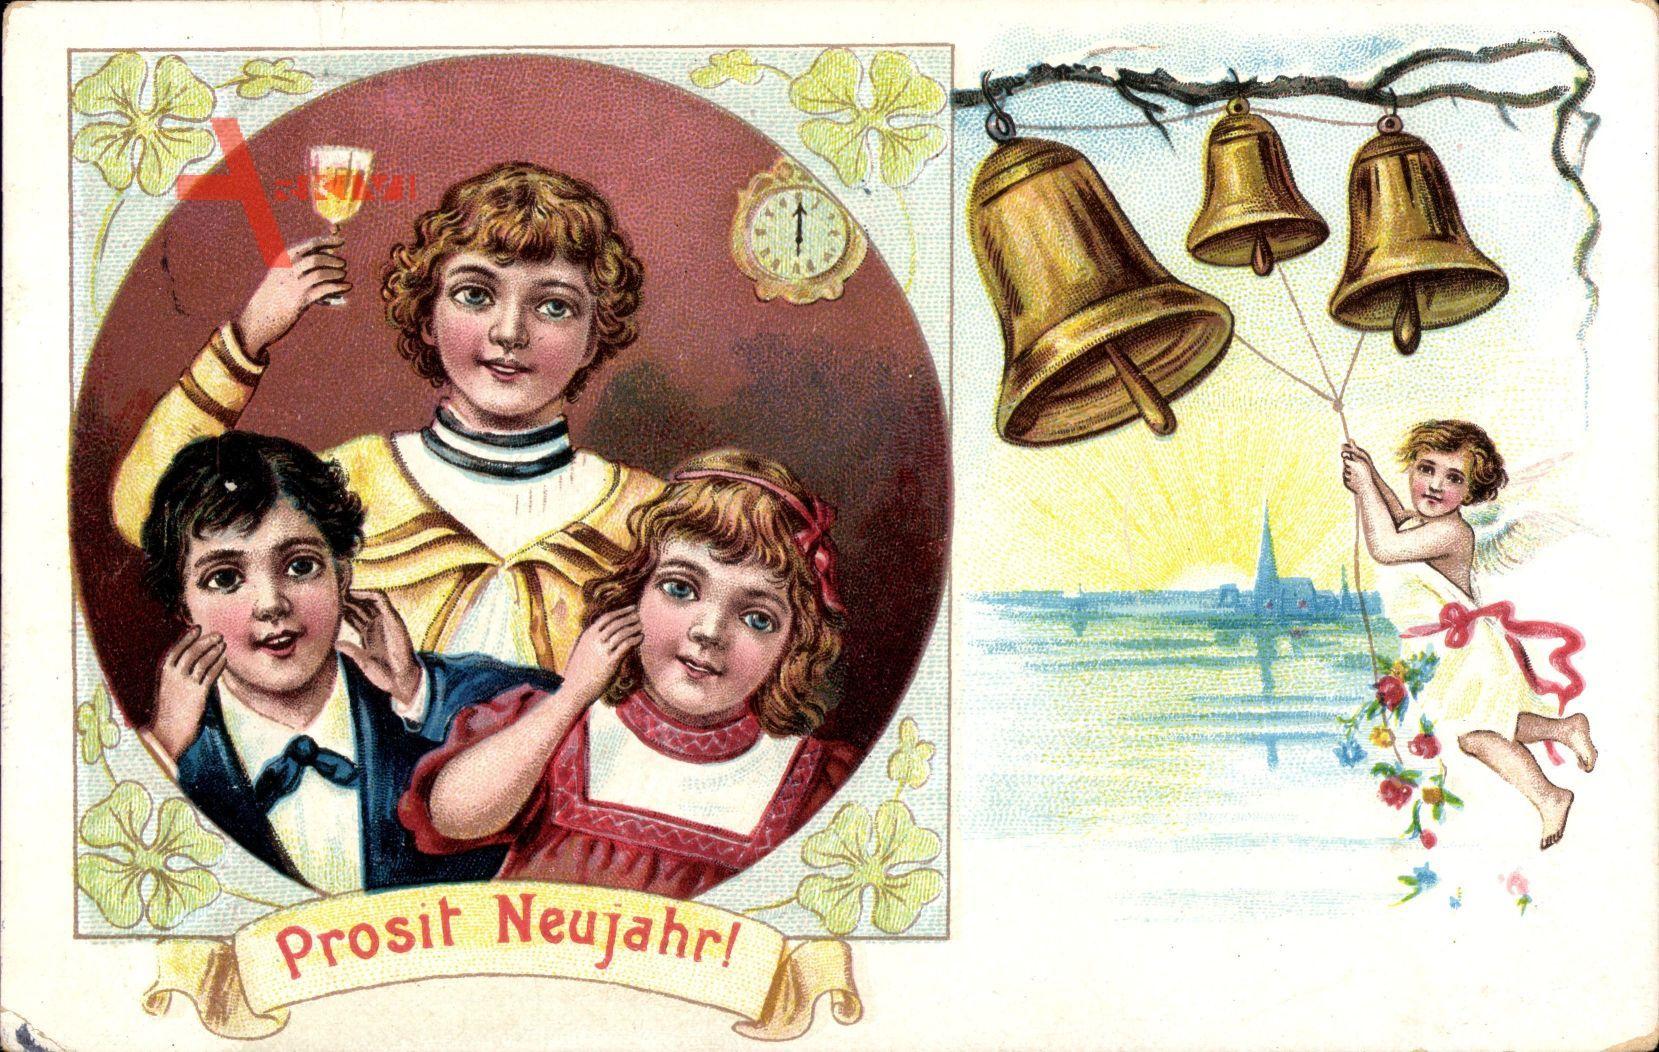 Glückwunsch Neujahr, Kinder, Glas, Uhrzeit, Glocken, Engel